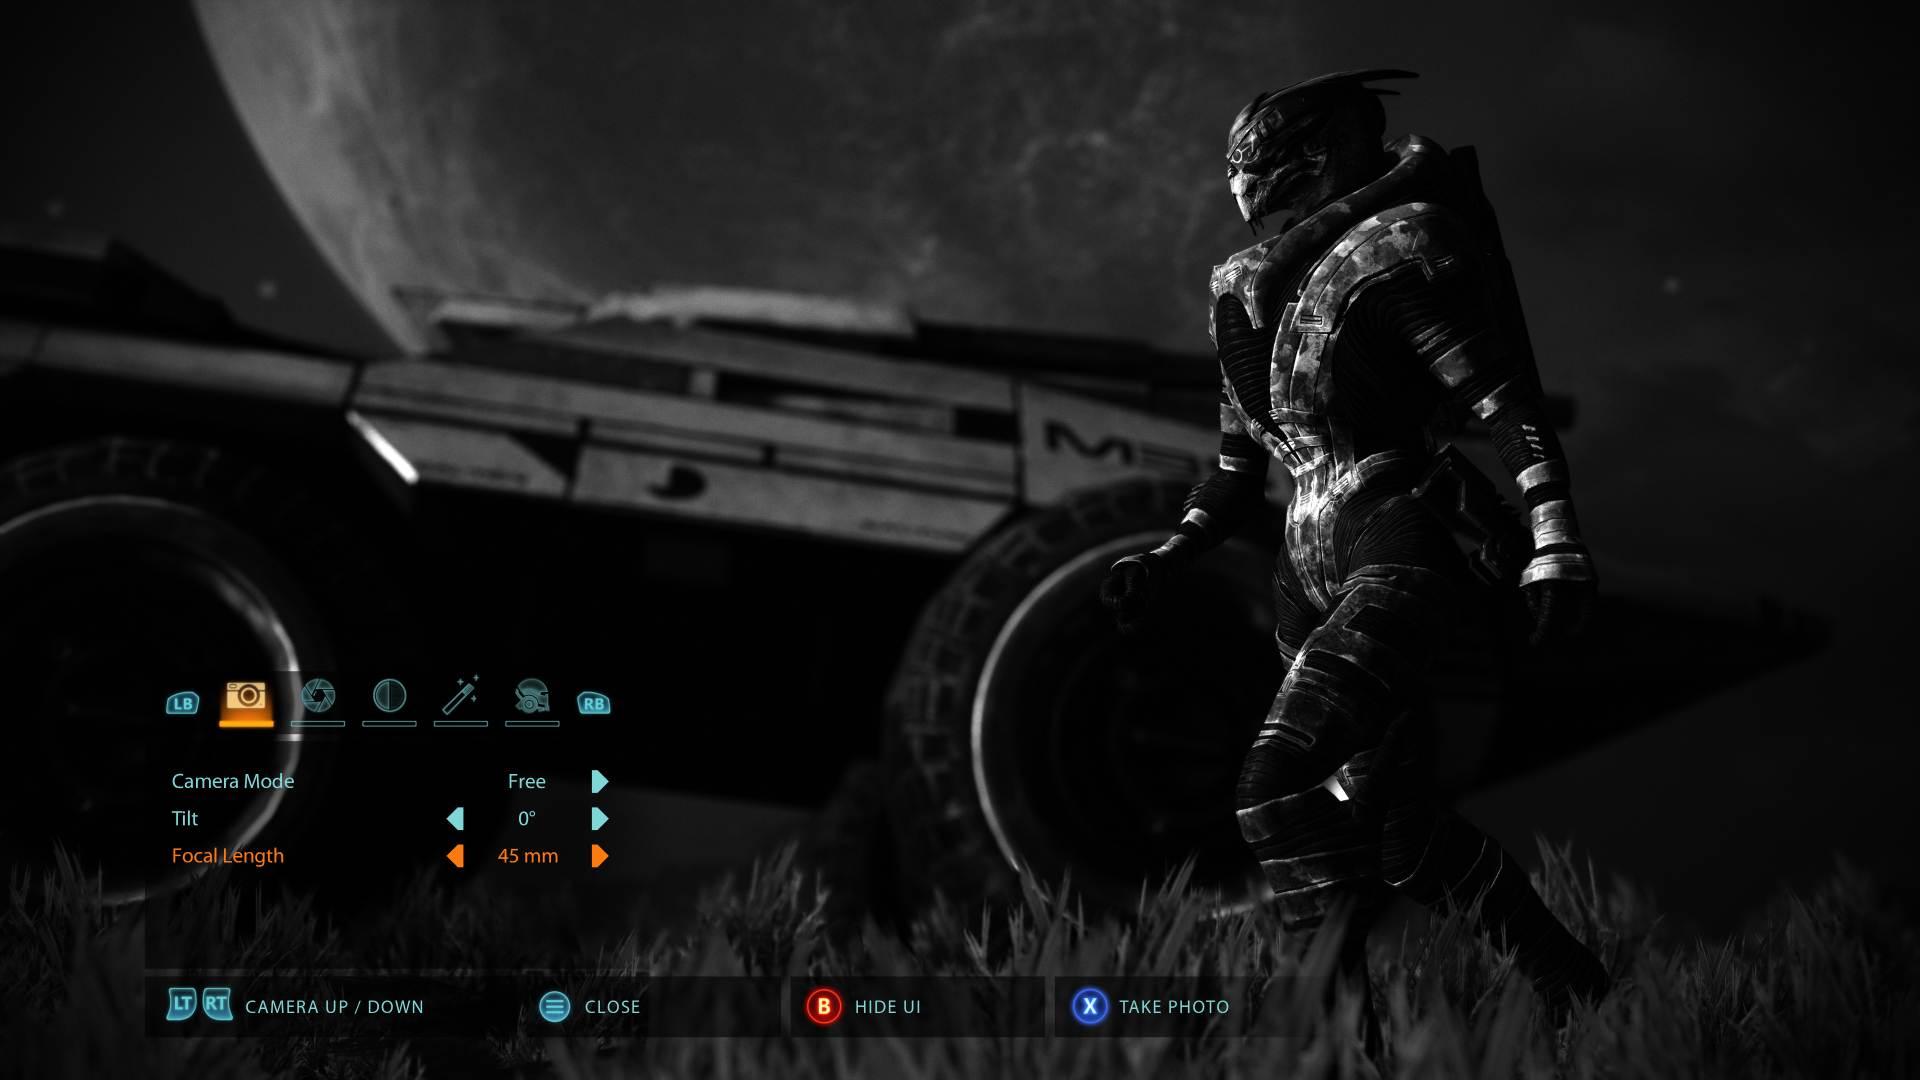 Mass Effect Legendary Edition will have a photo mode screenshot